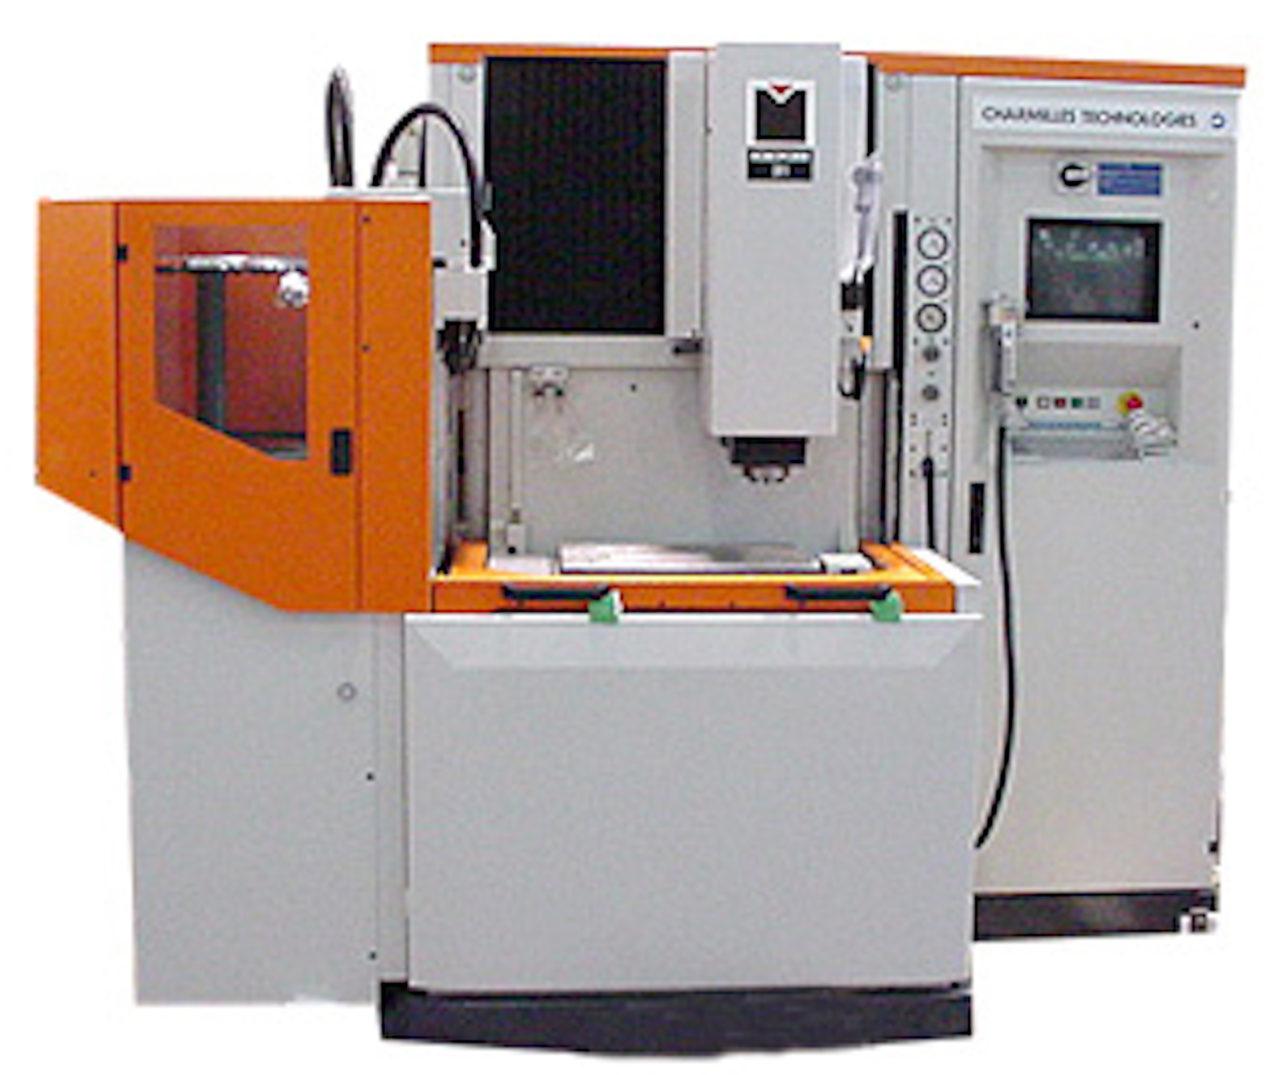 Roboform-31-EDM-1280x1075.jpg